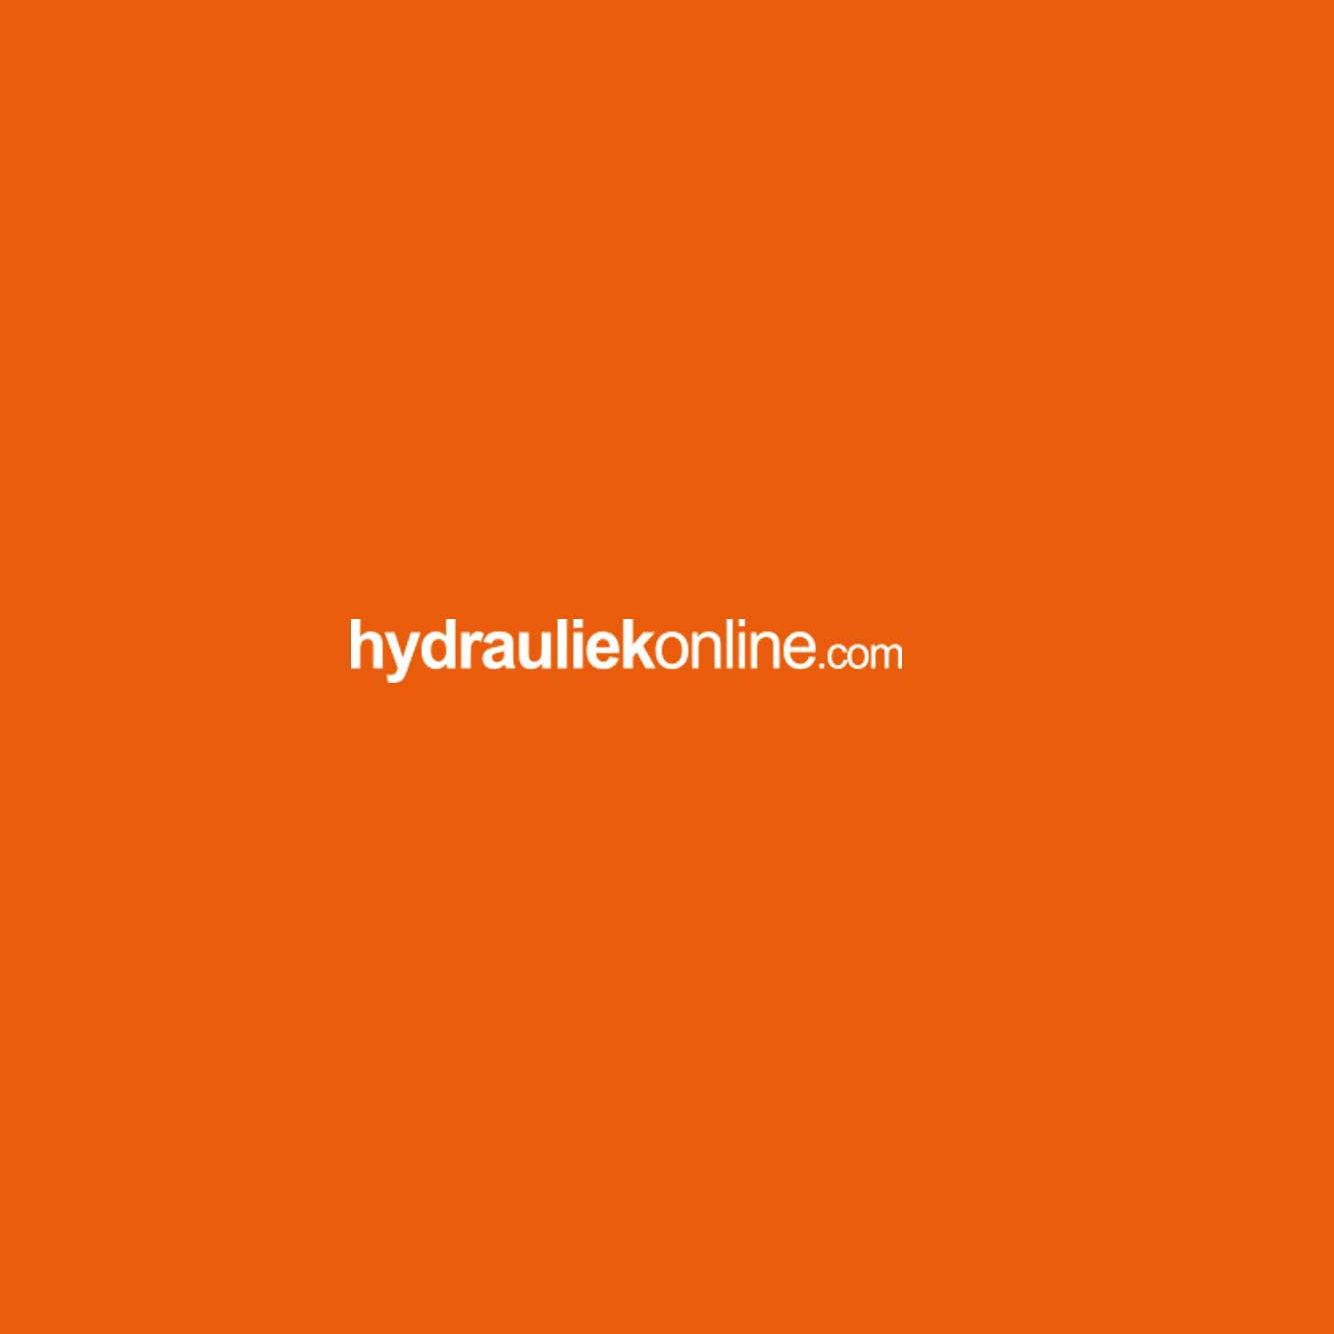 hydrauliek-online-9782.JPG